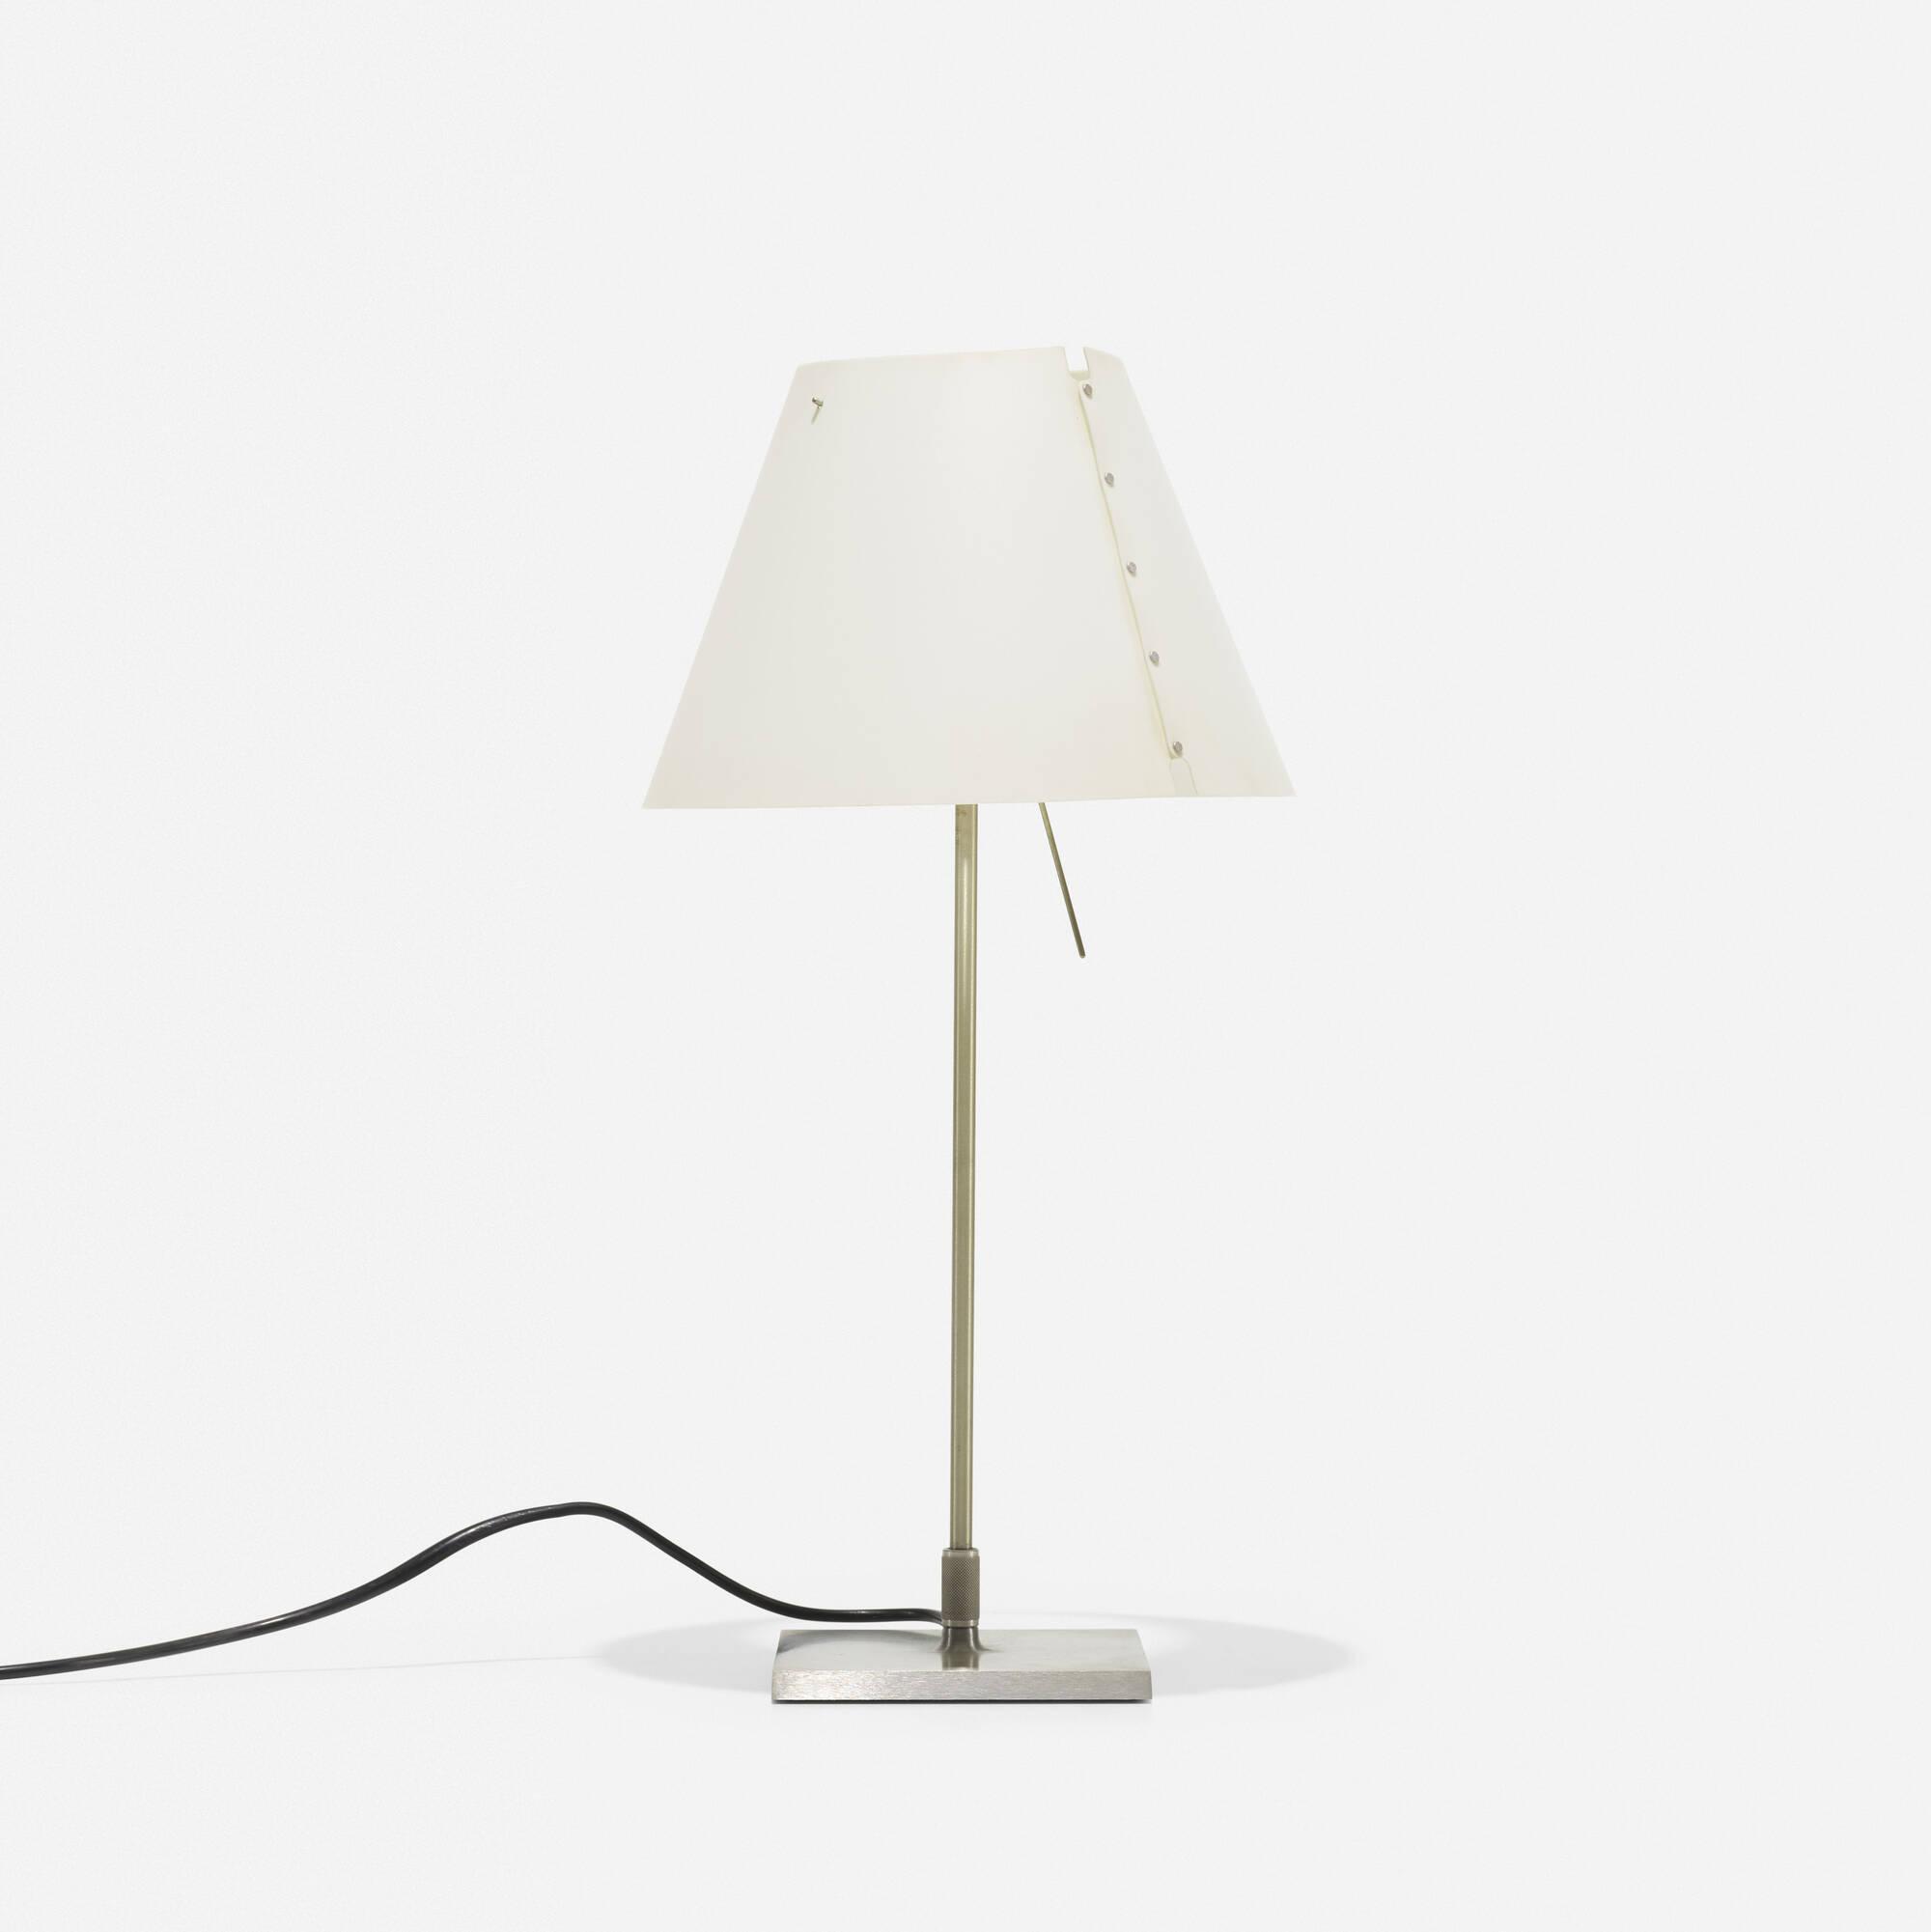 247: Paolo Rizzatto / Costanzina table lamp (1 of 1)